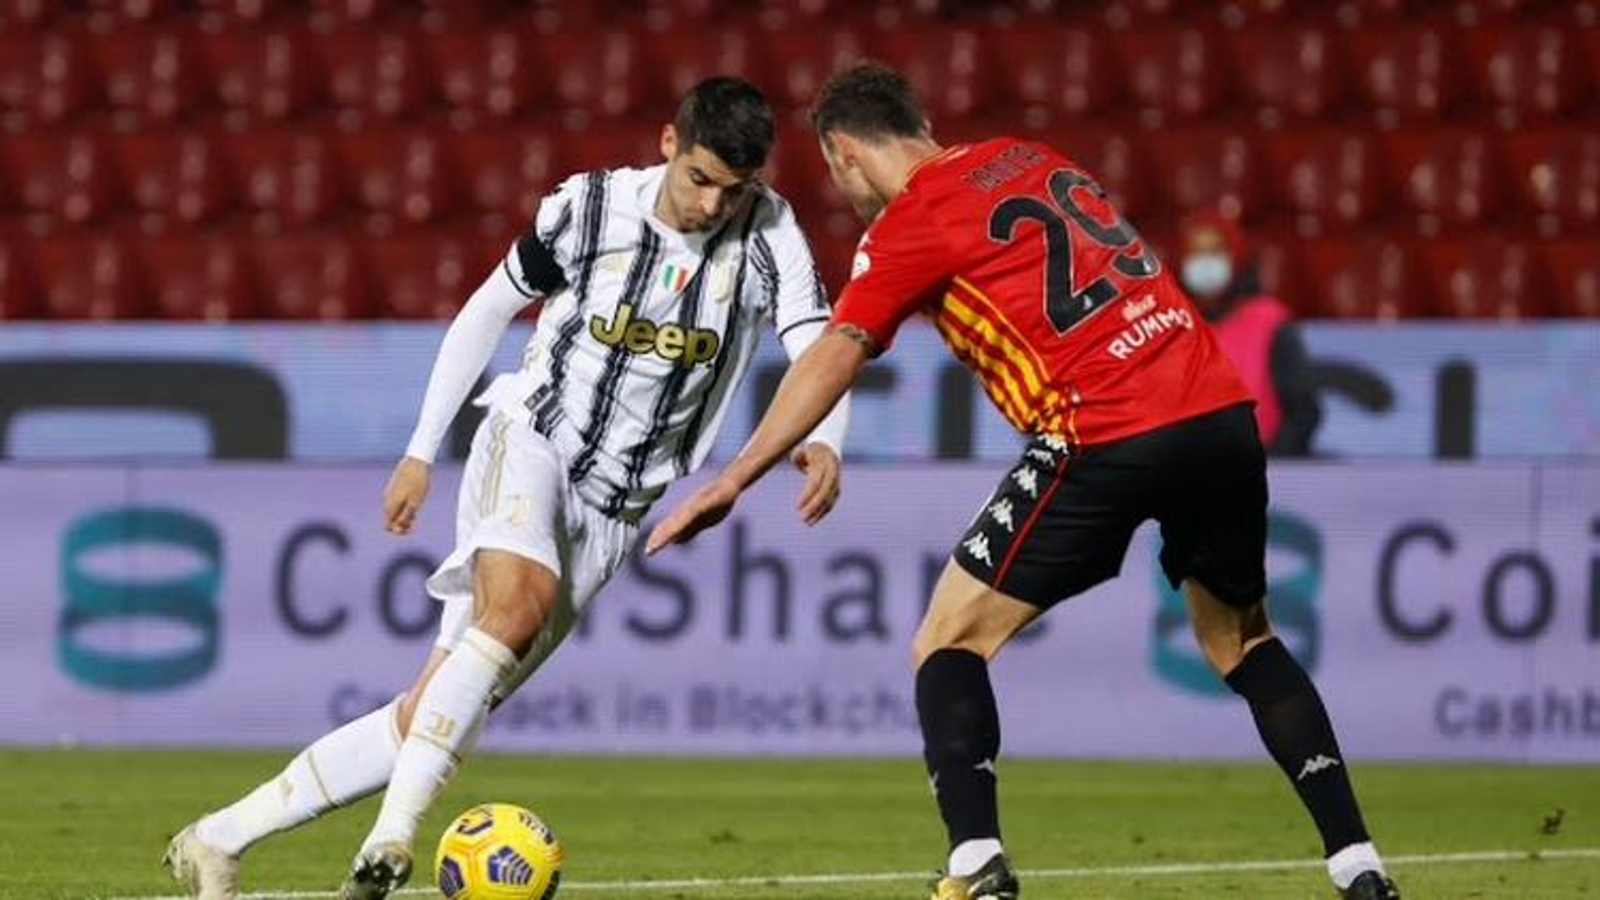 Dybala bỏ lỡ cơ hội khó tin, Juventus bị Benevento cầm chân